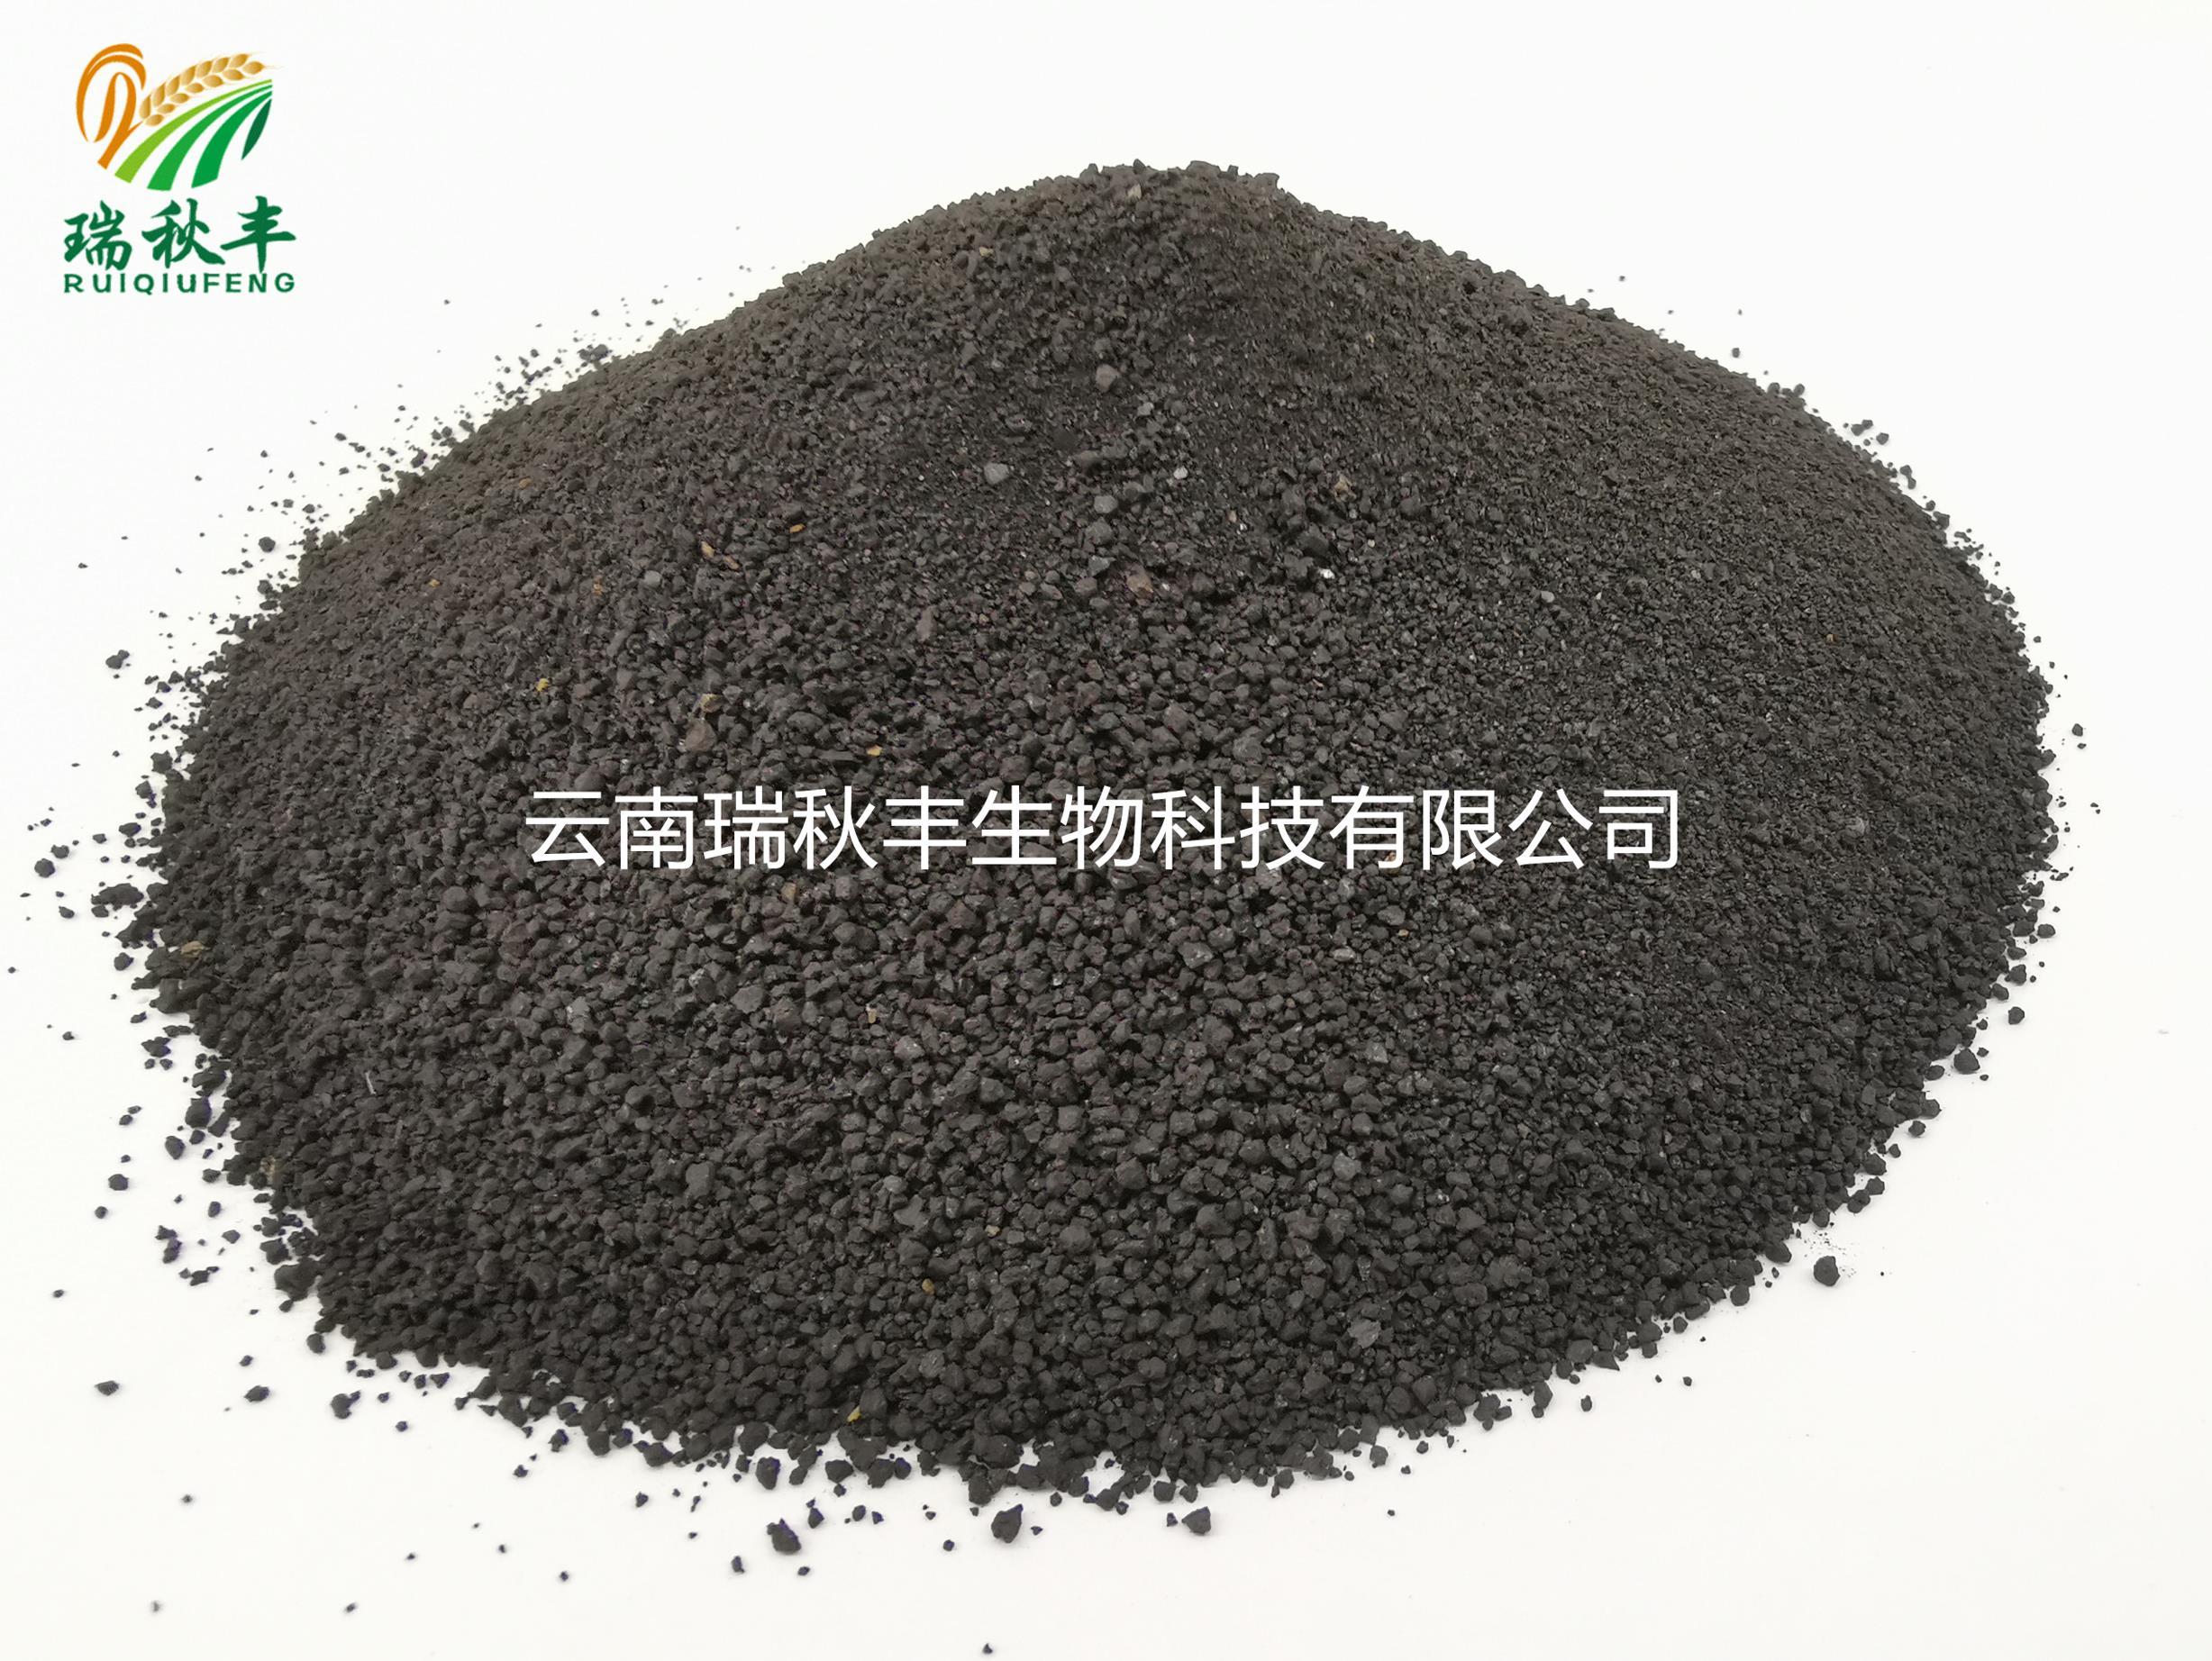 礦源腐植酸鈉 粒狀